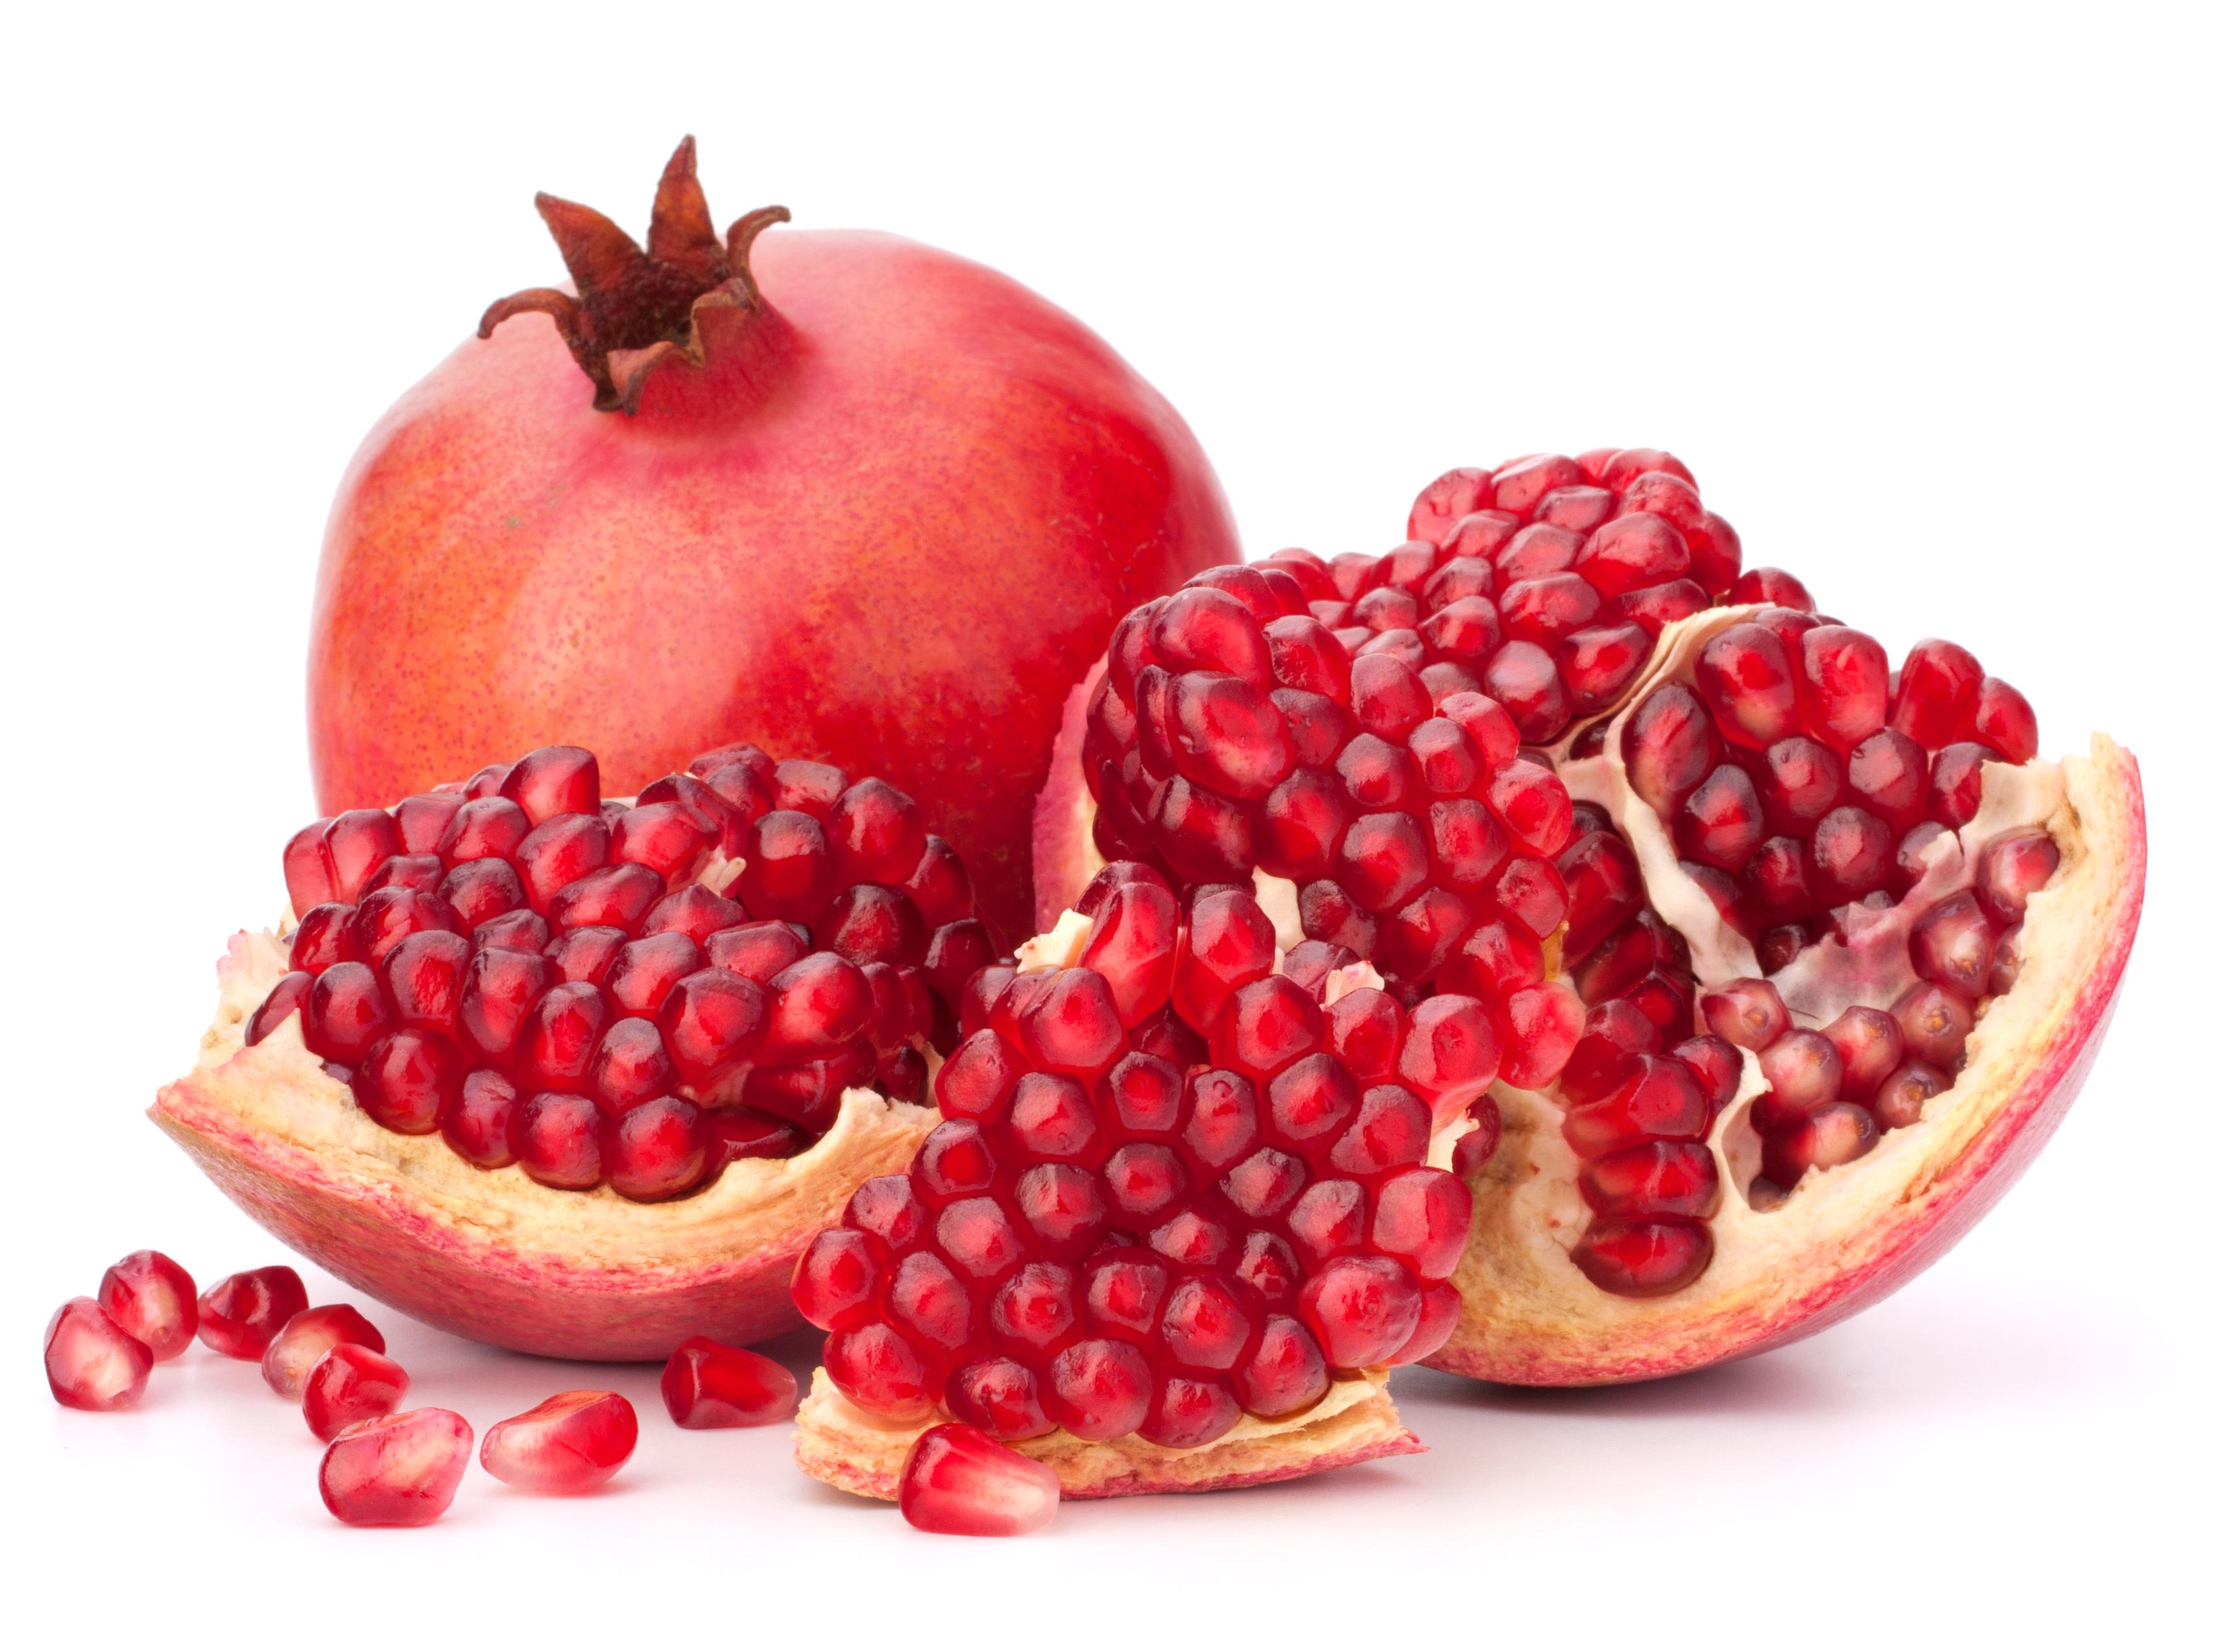 Autunno un tripudio di frutti colorati dalle spettacolari - Contorno di immagini di frutta ...